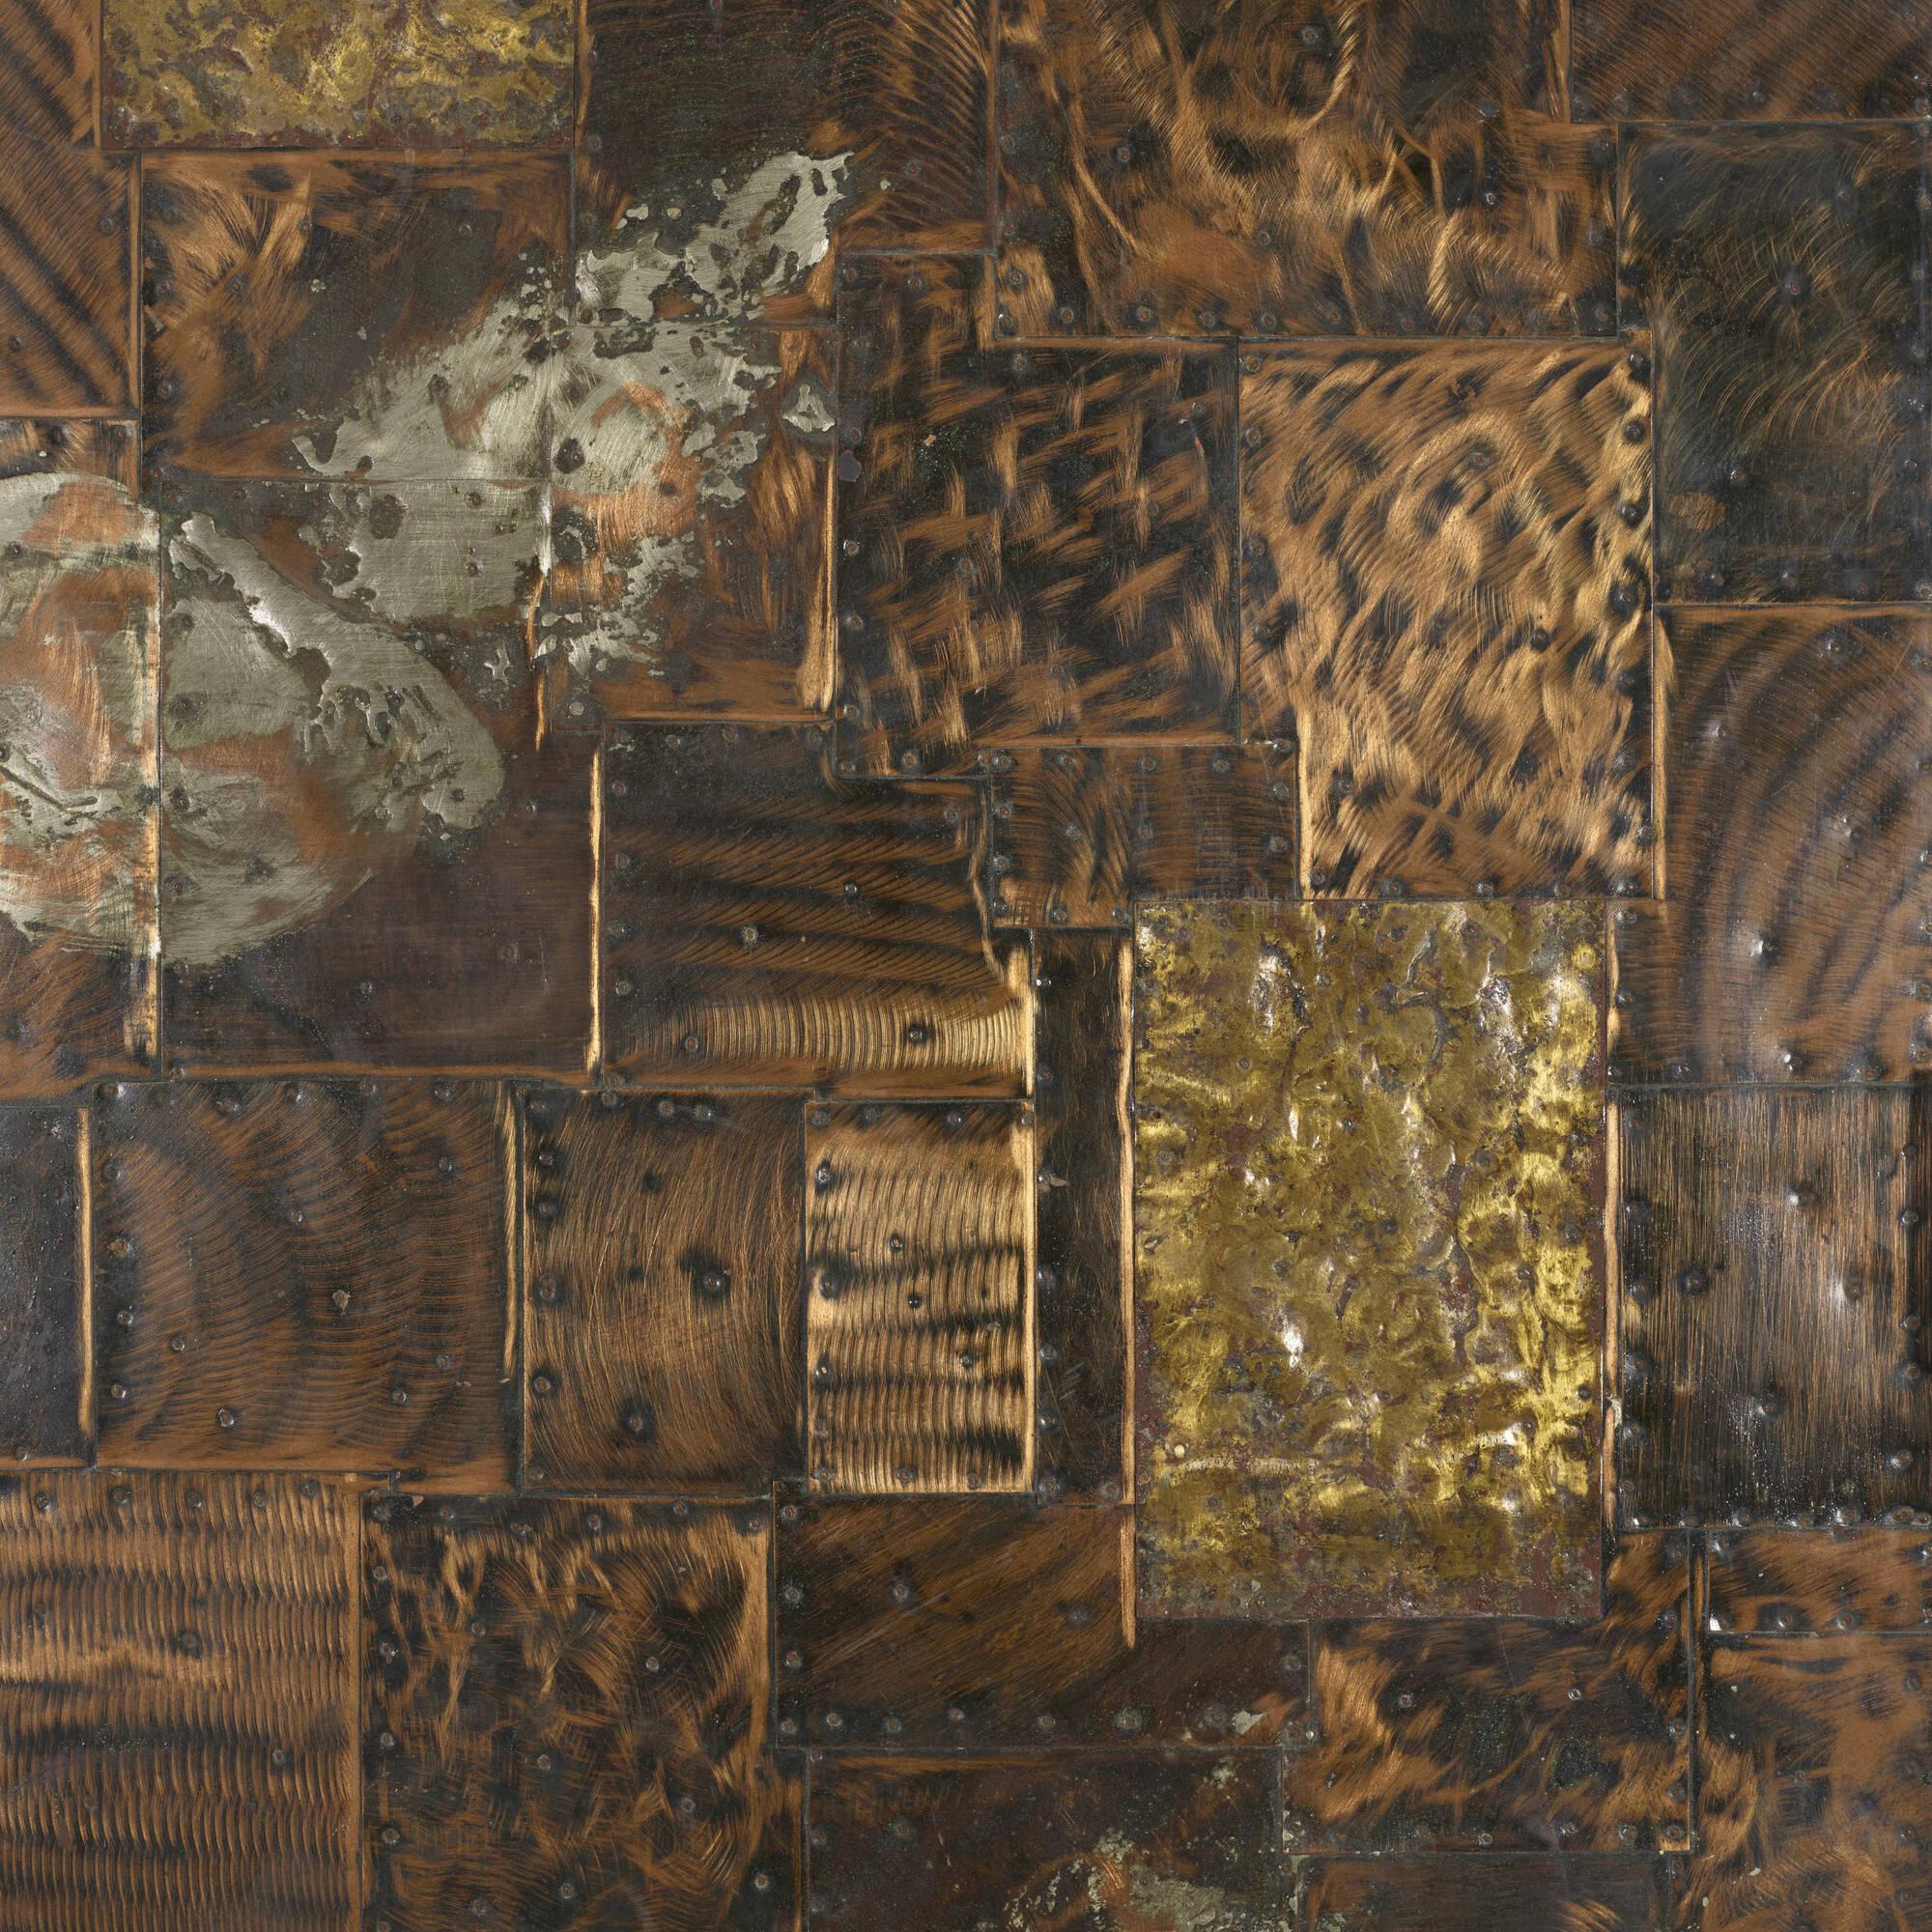 162: Paul Evans / custom doors, pair (2 of 2)